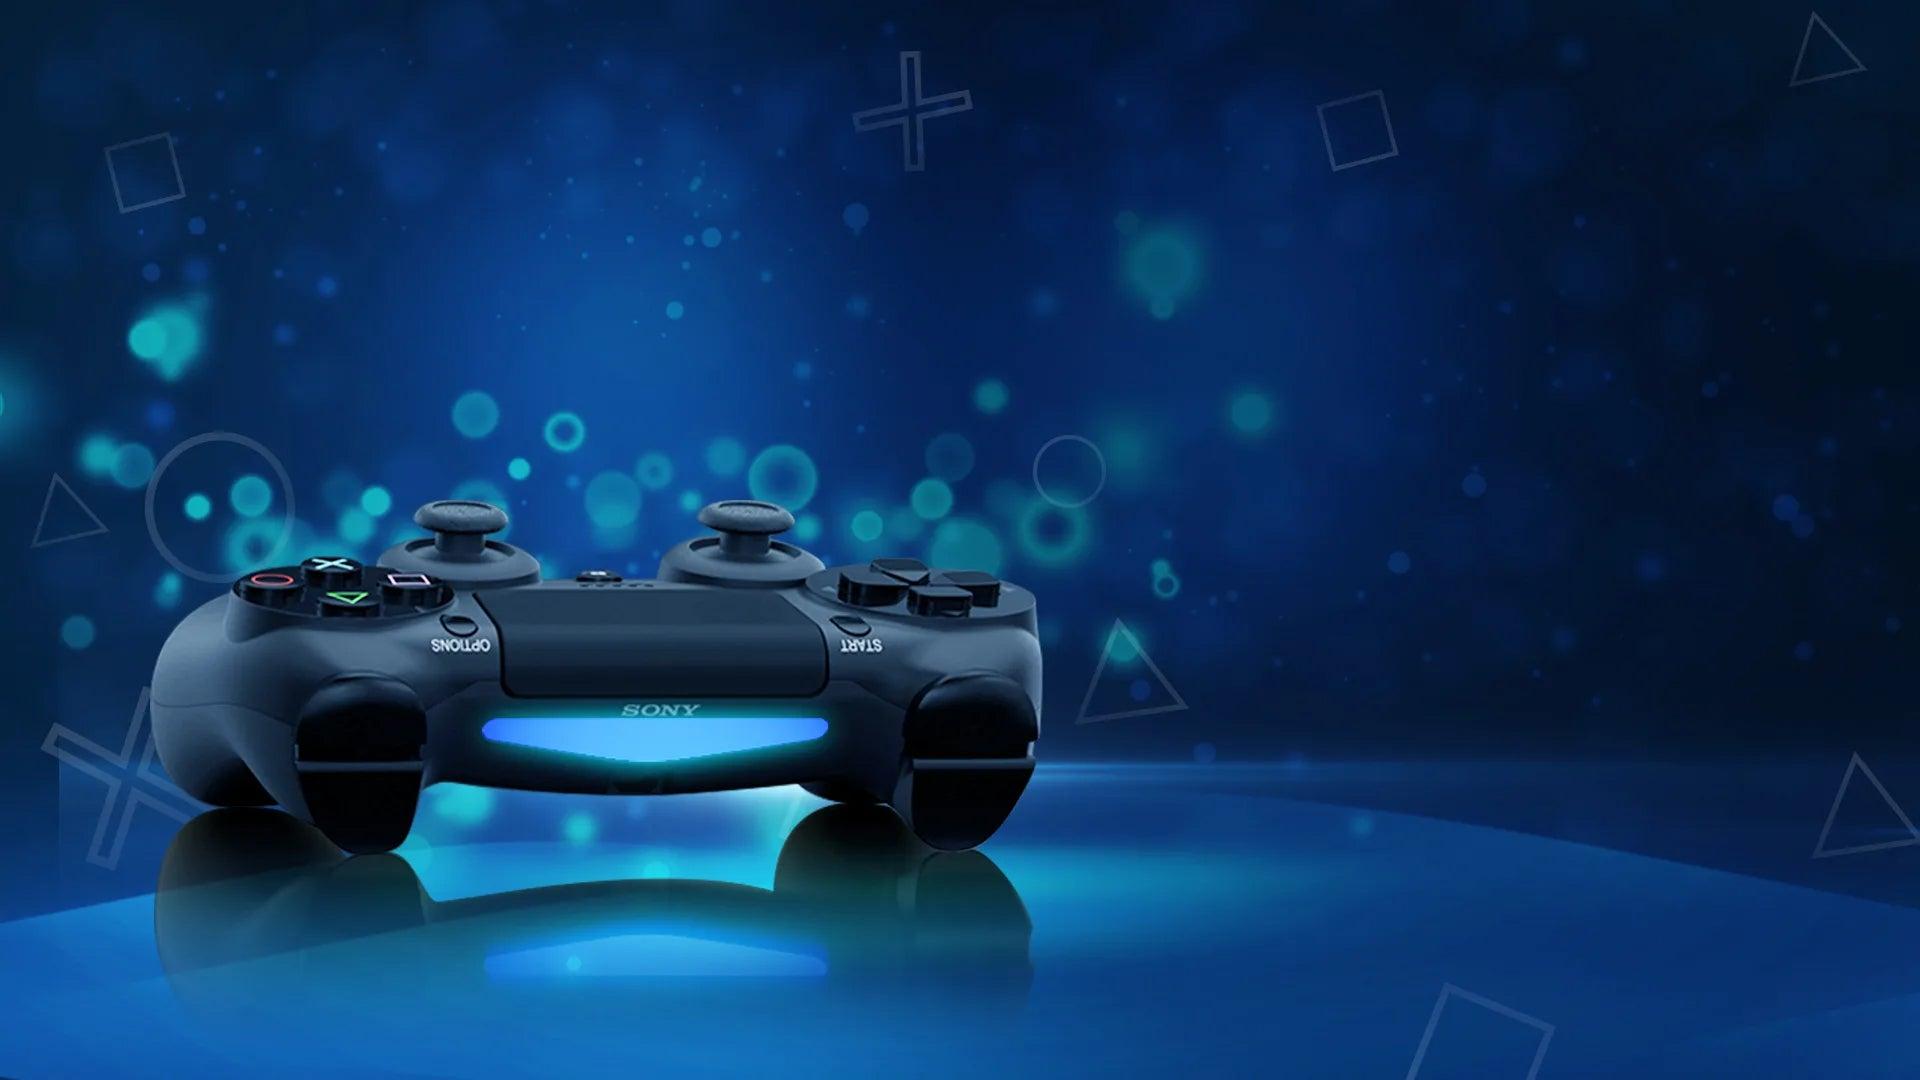 O PlayStation 5 pode receber novidades em breve pois a Sony acaba de fornecer informações sobre a sua conferência na CES 2020.